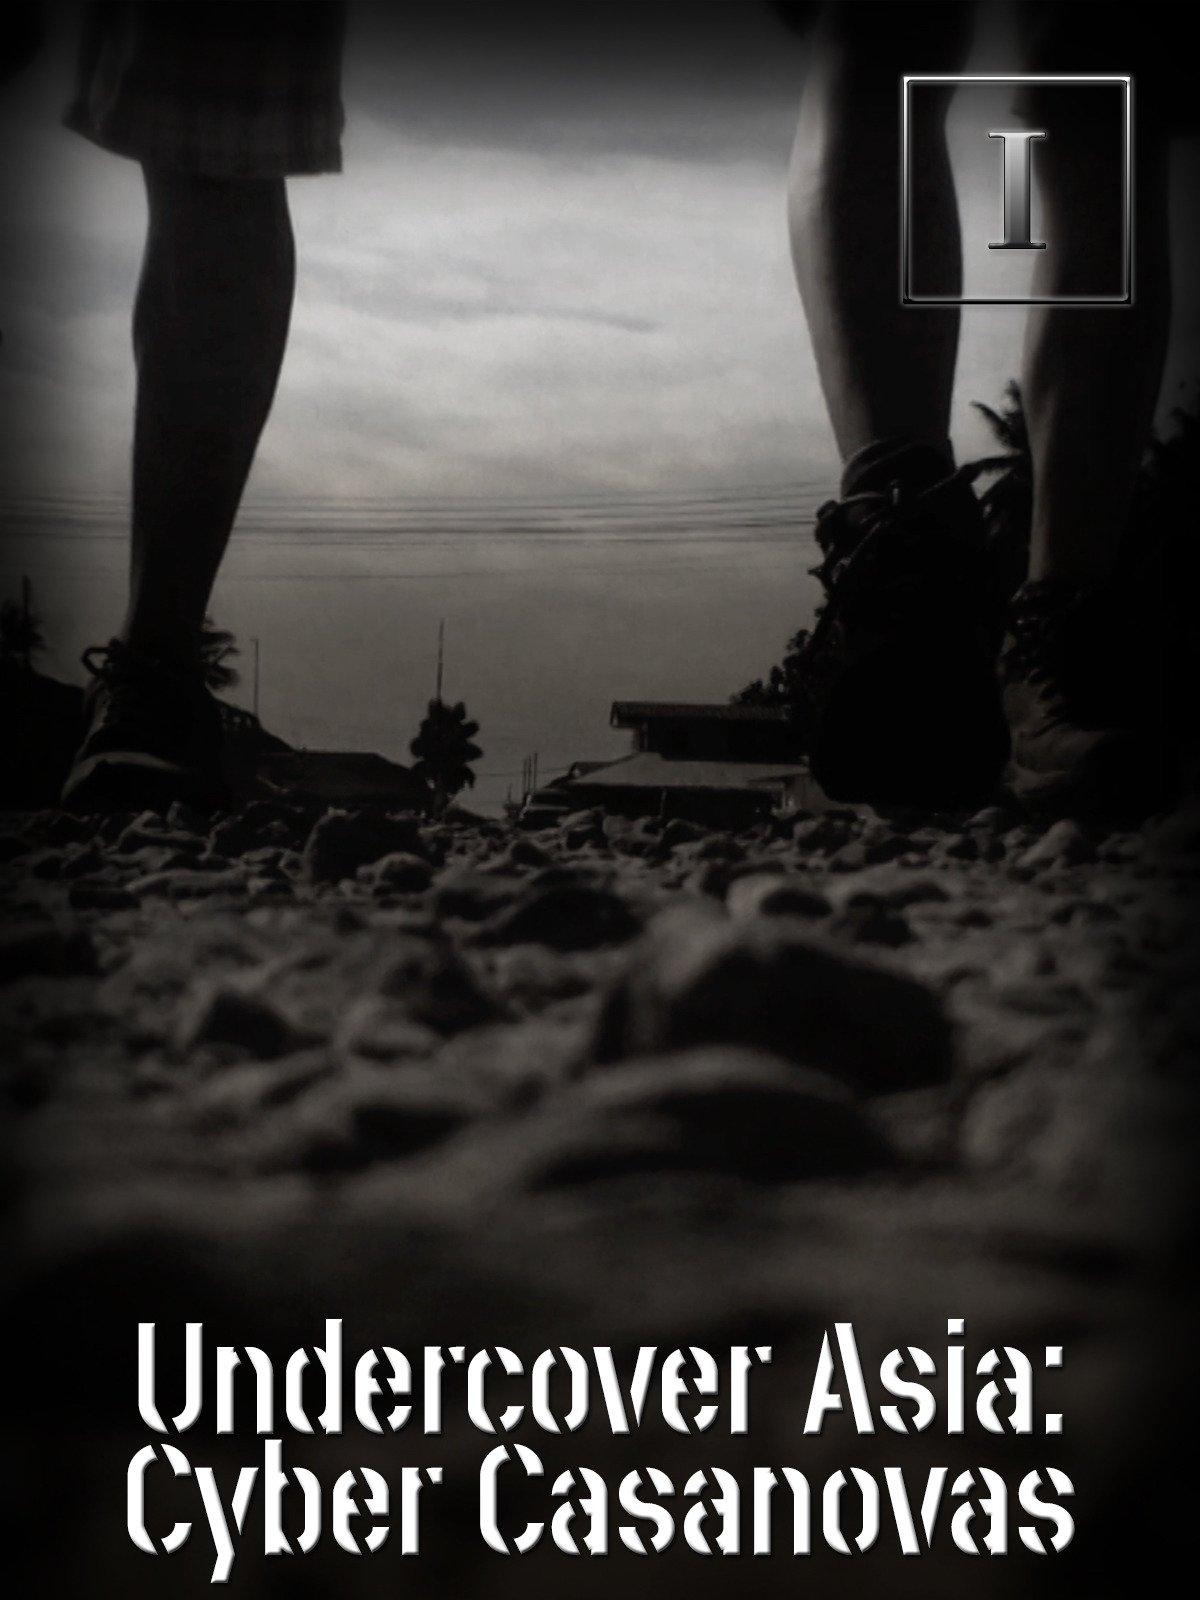 Undercover Asia: Cyber Casanovas